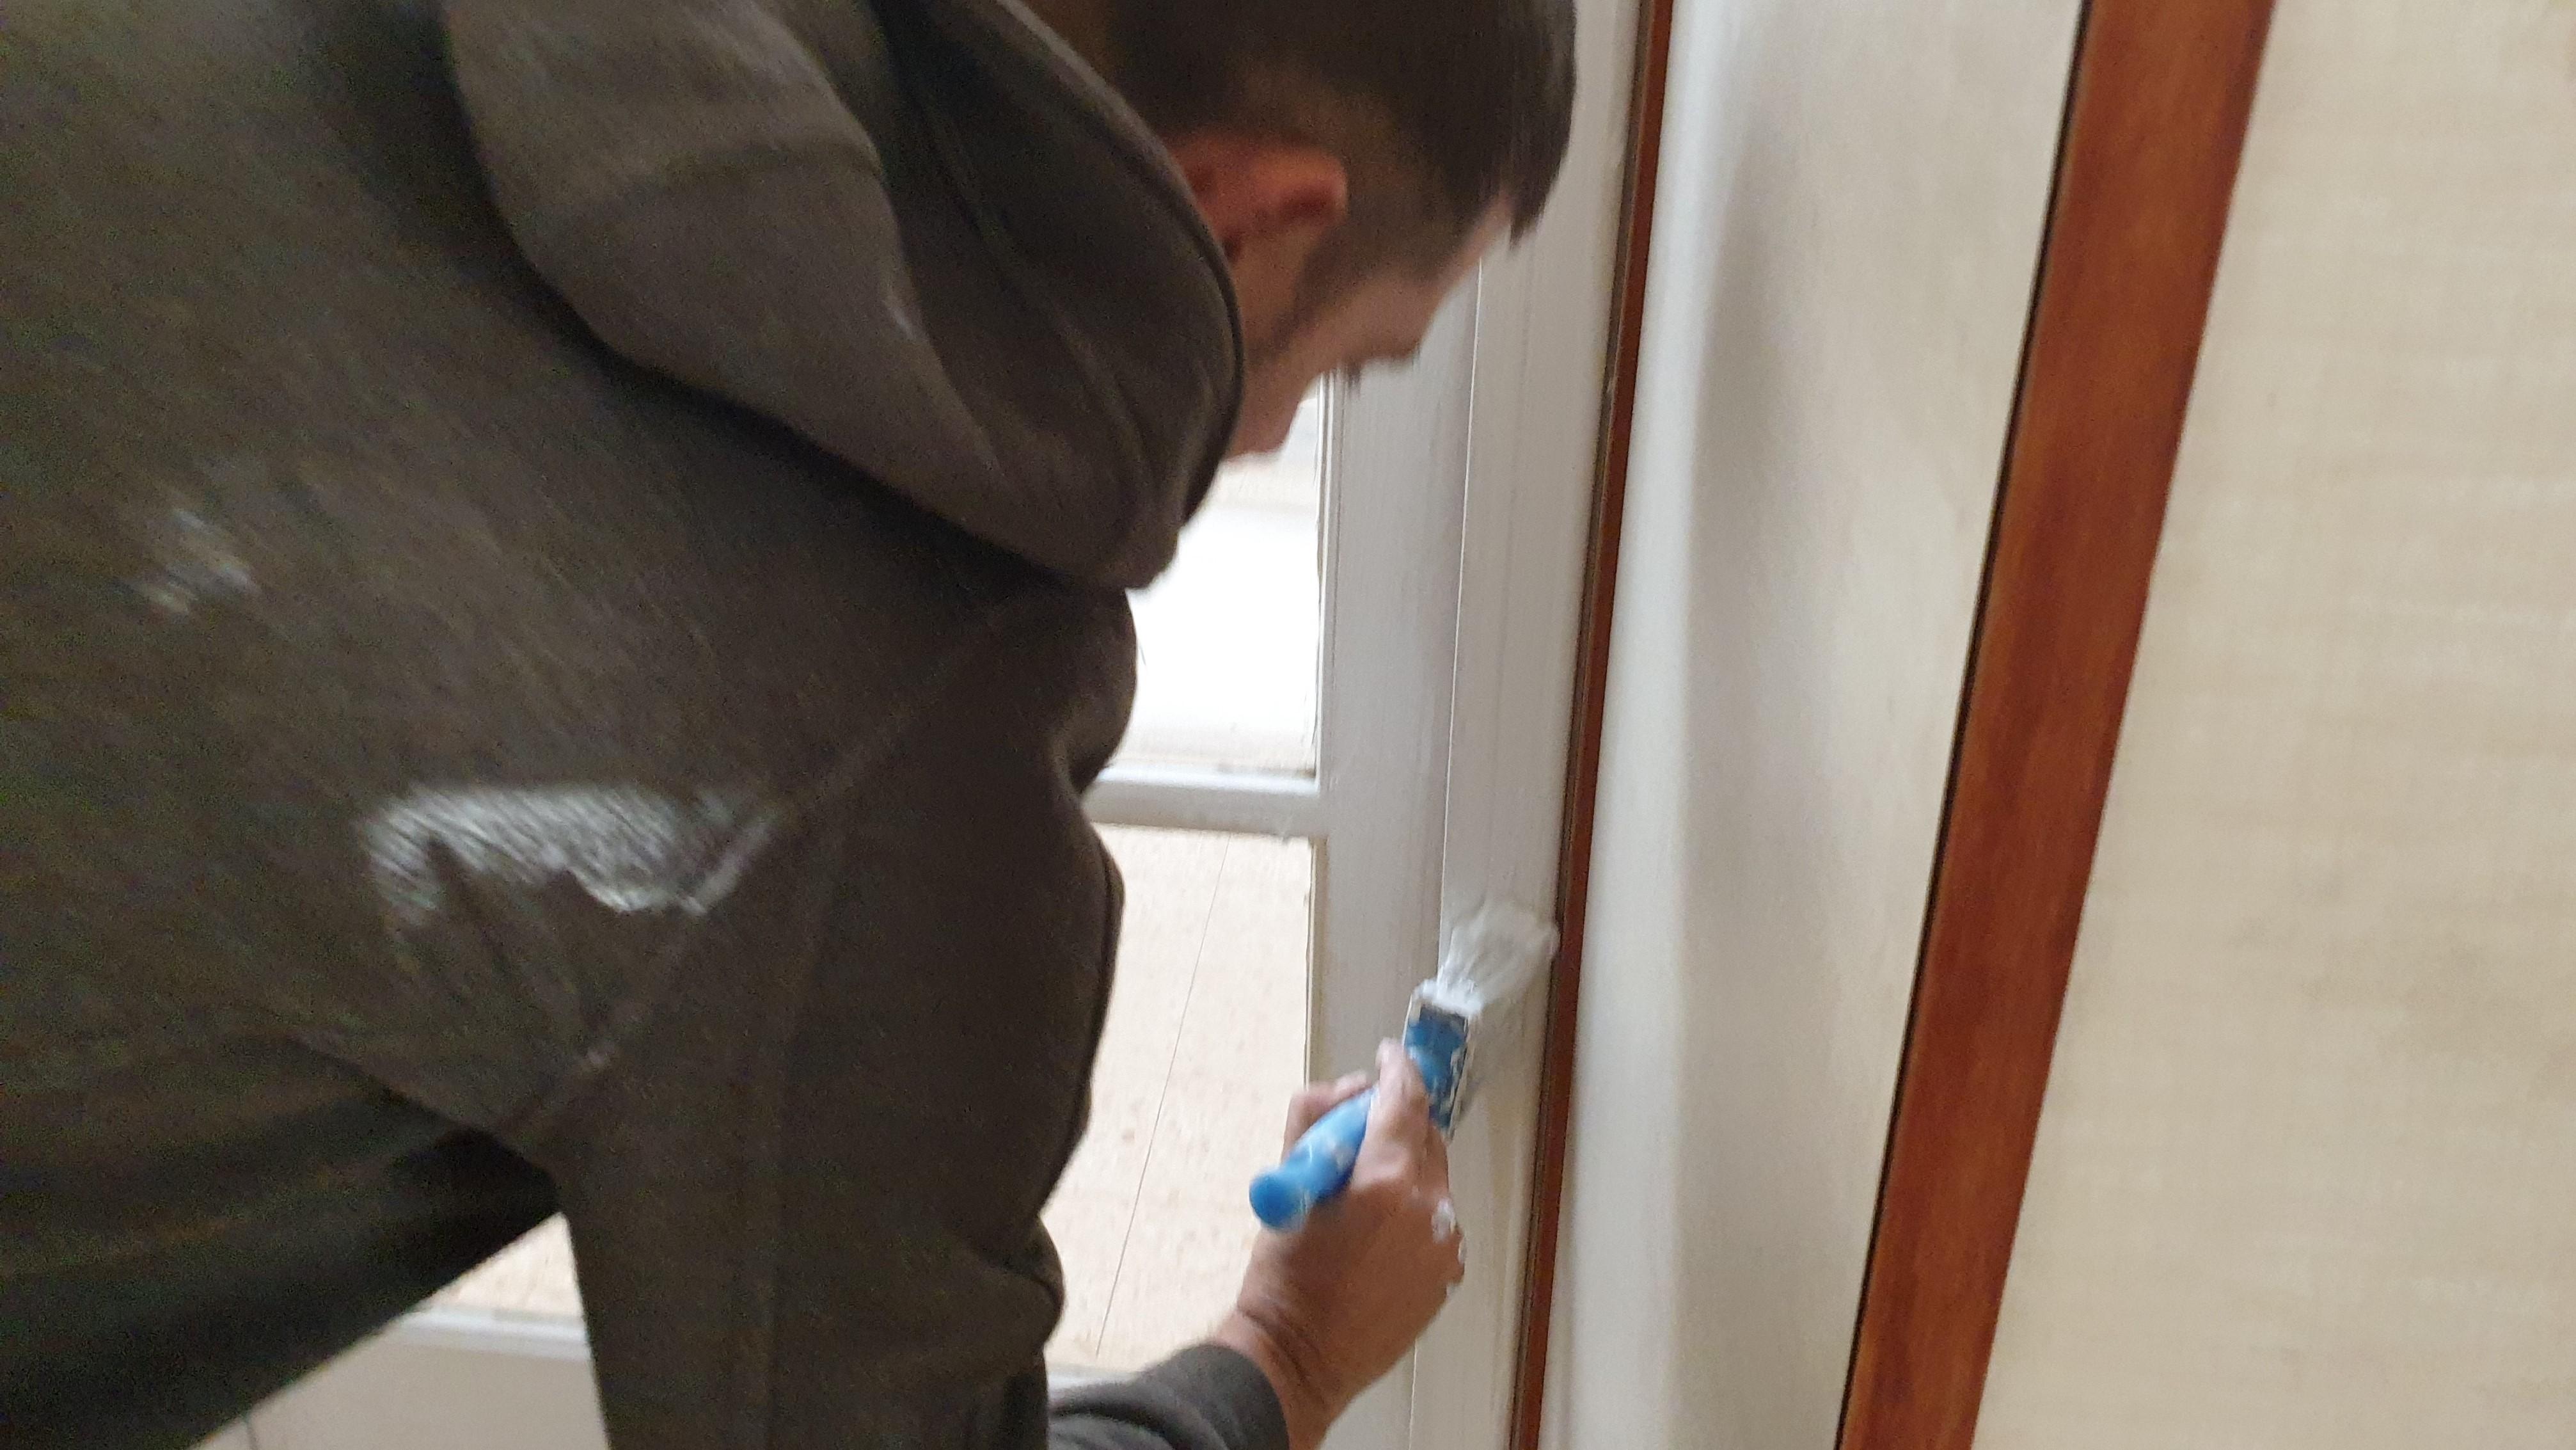 צביעת משקופים ודלתות מעץ או מתכת – כך תבצעו עבודה יעילה ומקצועית